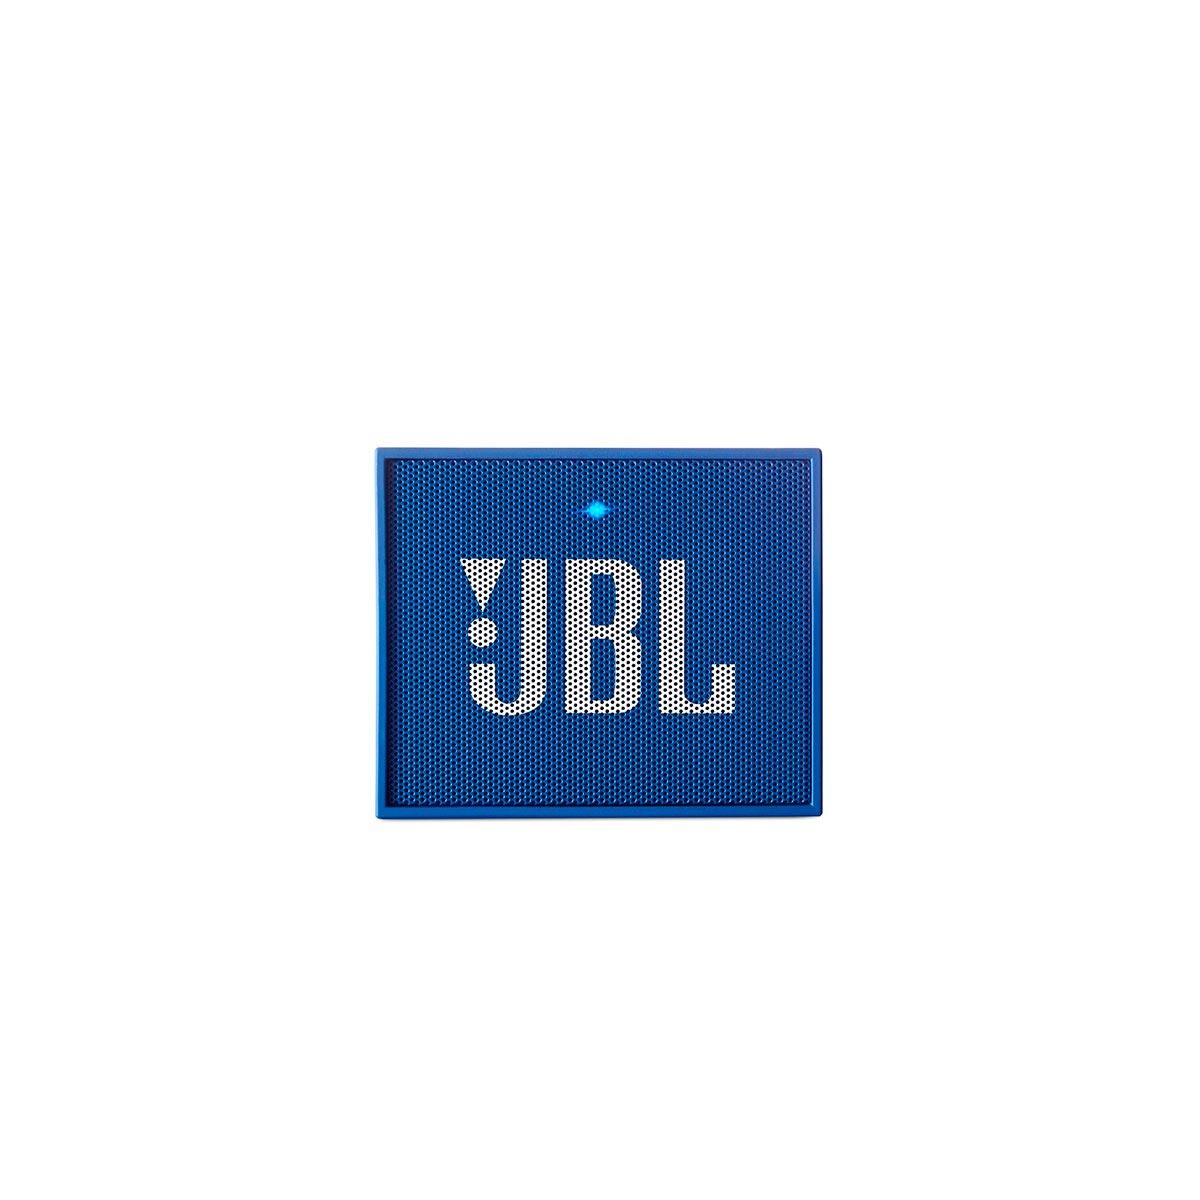 JBLGO - Caixa de Som Portátil 3W c/ Bluetooth JBL GO Azul - JBL